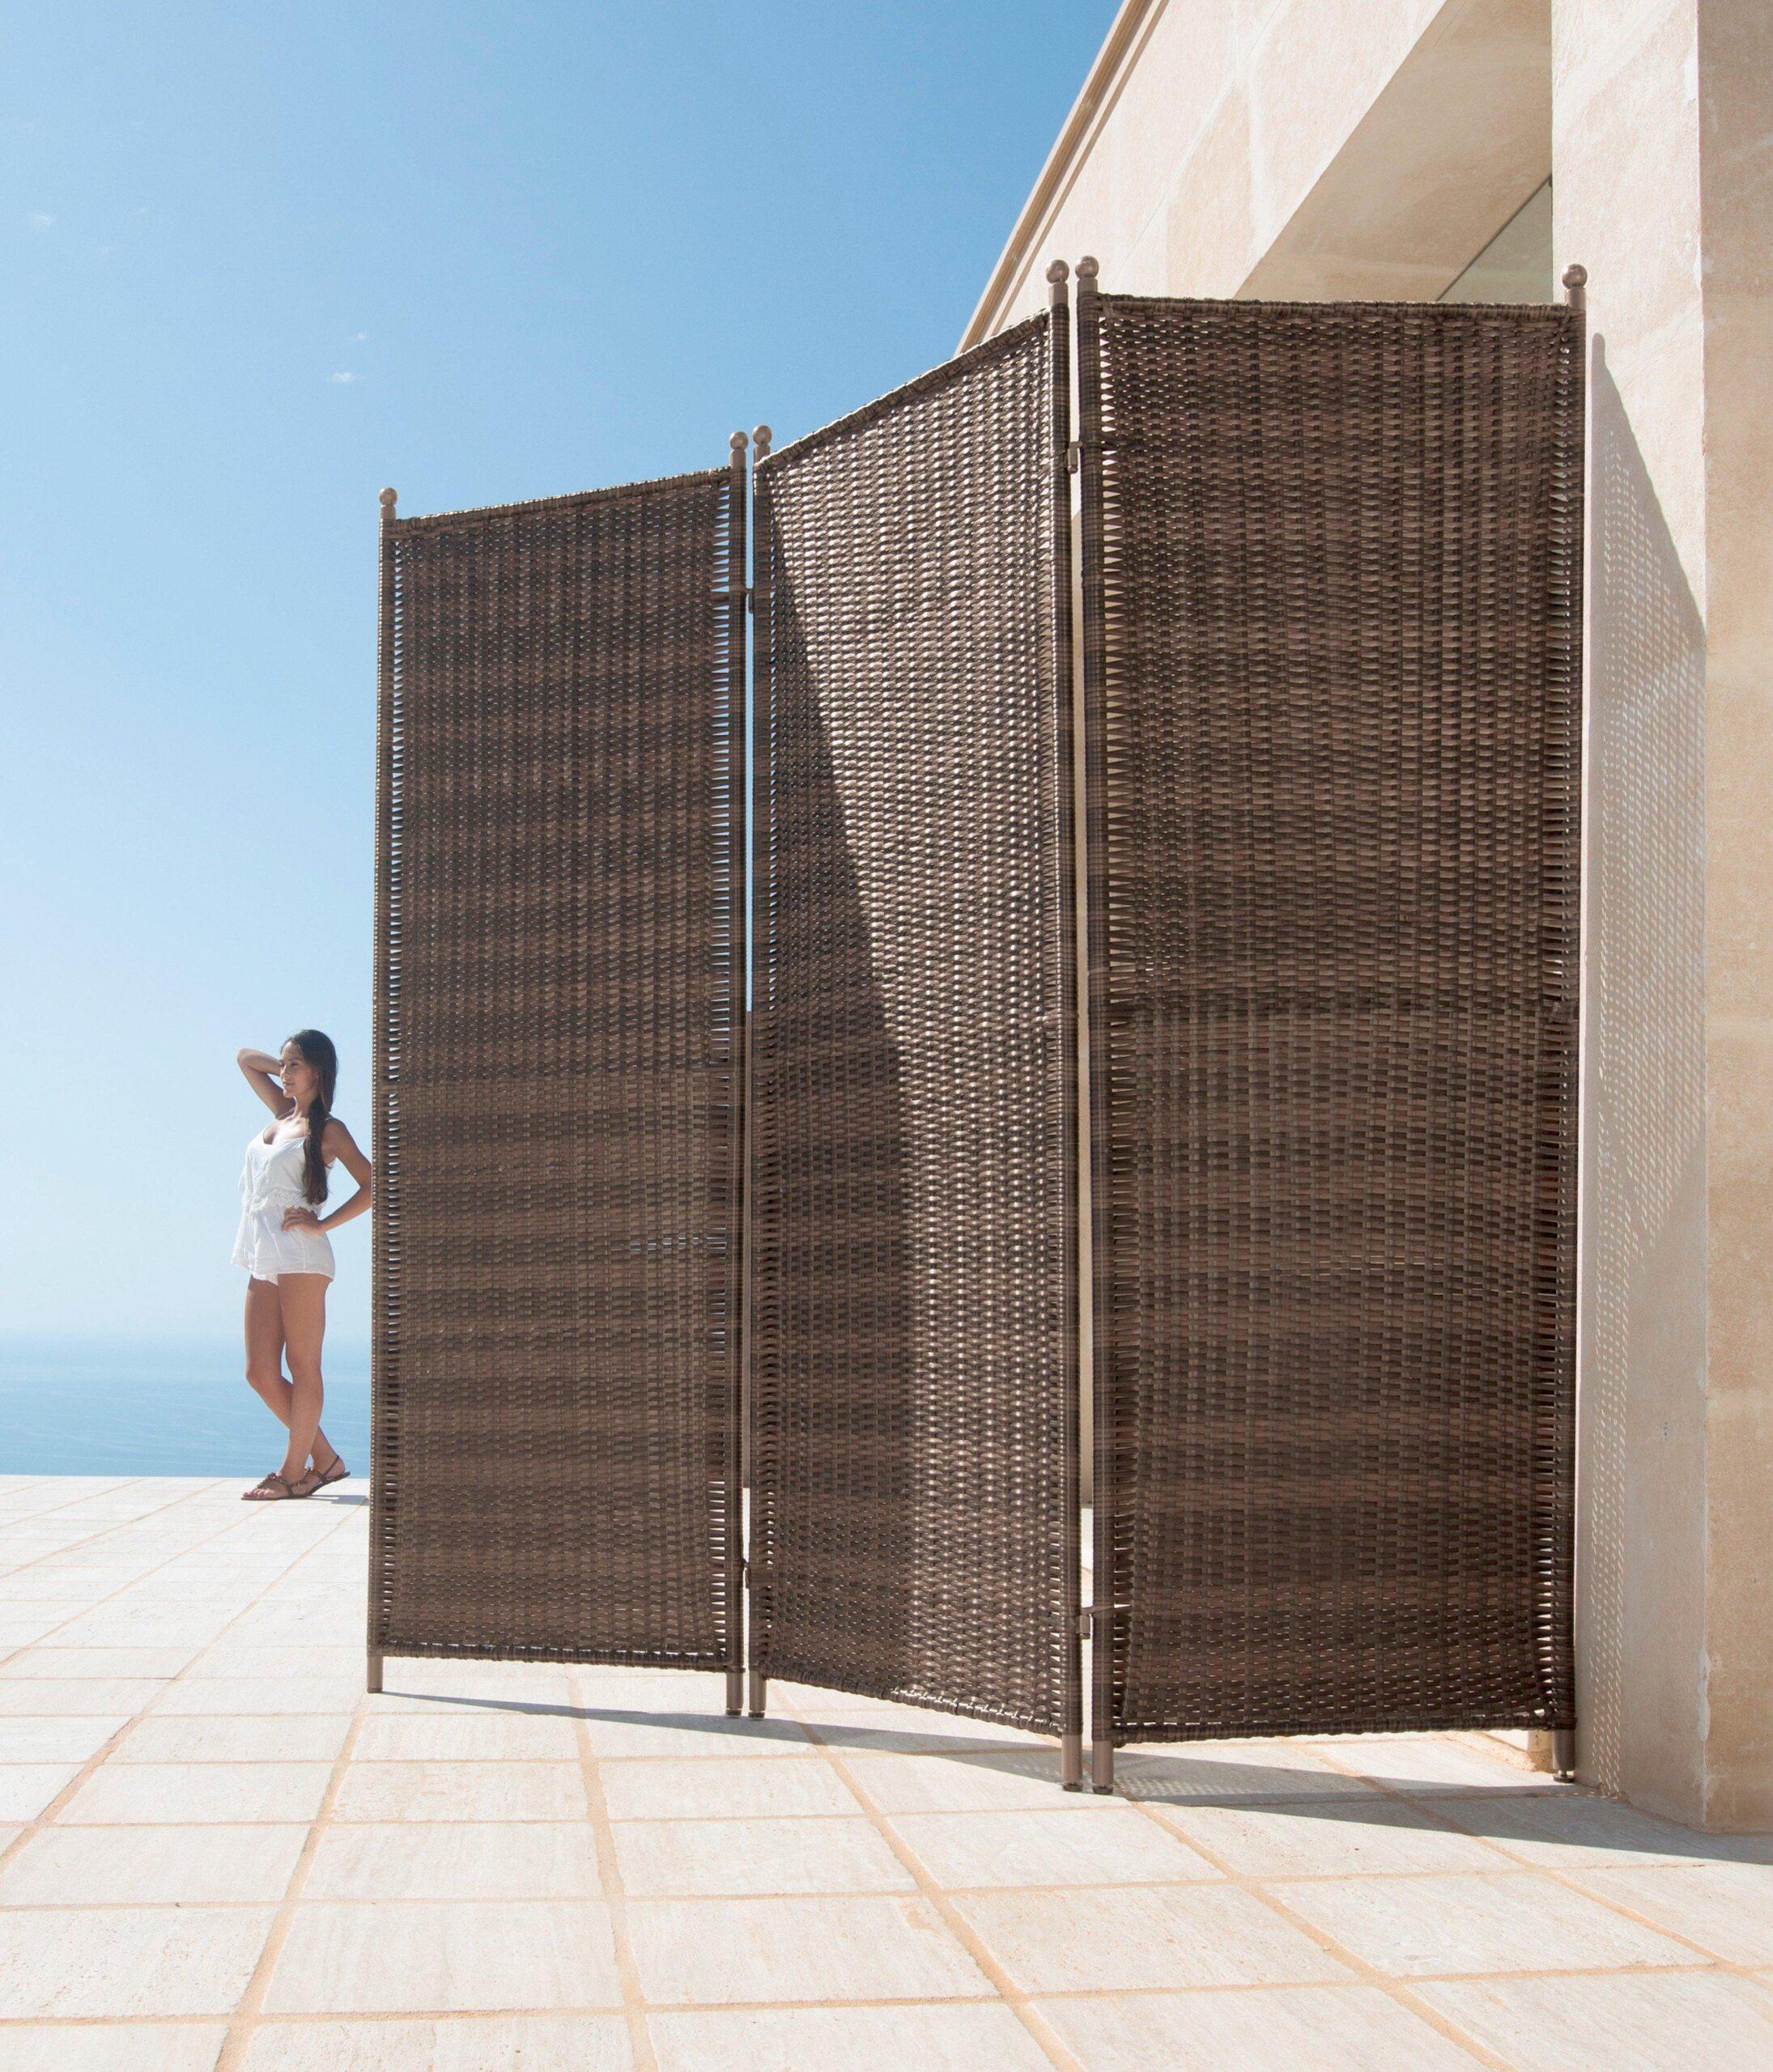 Full Size of Merxparavent Geflecht Paravent Garten Outdoor Küche Edelstahl Kaufen Wohnzimmer Outdoor Paravent